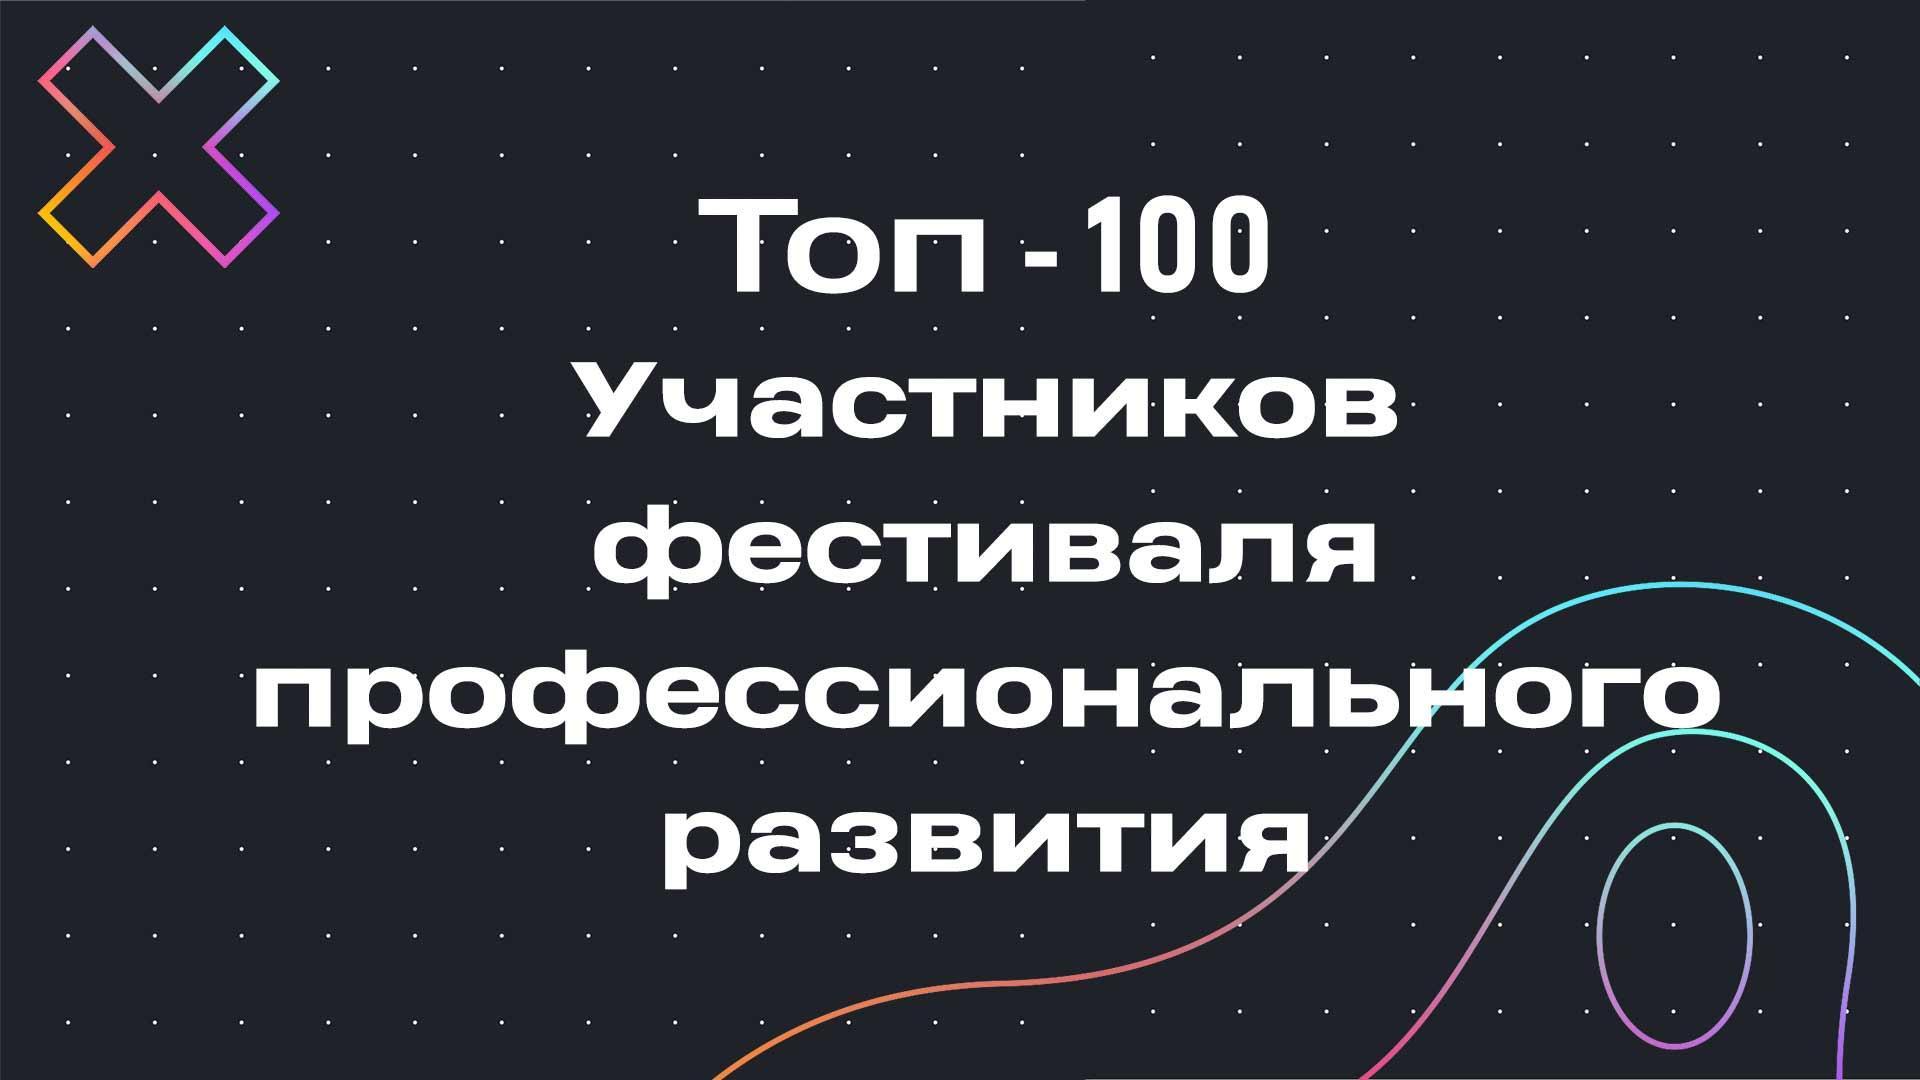 ТОП-100 самых активных участников фестиваля профессионального развития